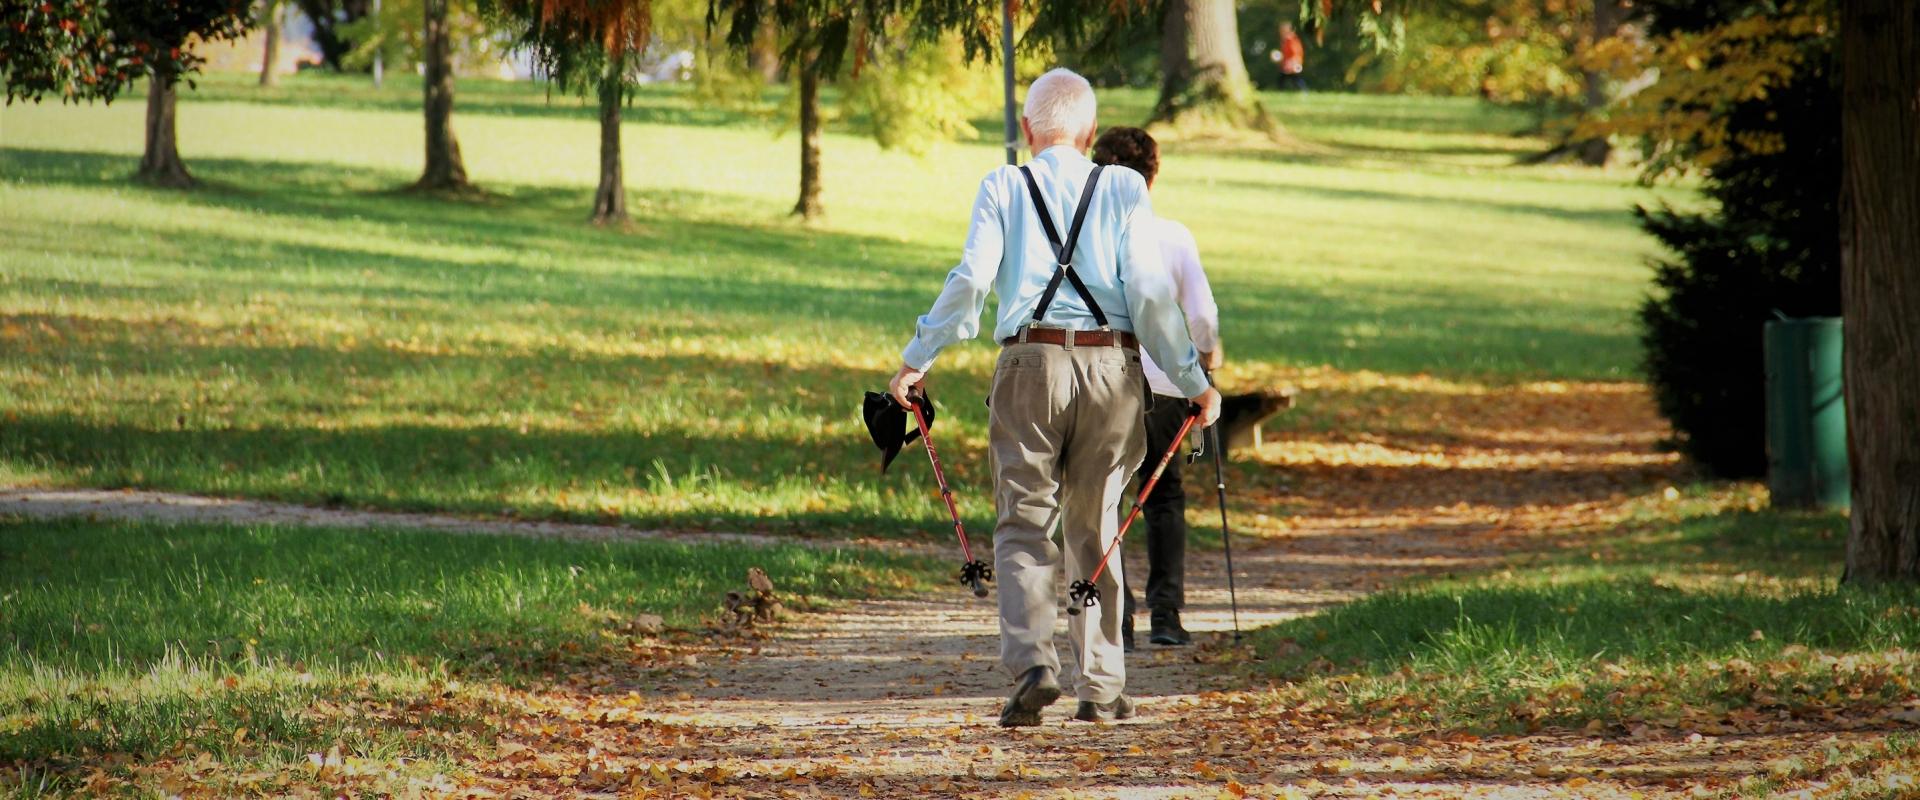 Orthopädische Beratung und Therapie in Mödling und Pottendorf. Individuell auf Ihre Bedürfnisse abgestimmt. Persönlich und menschorientiert.